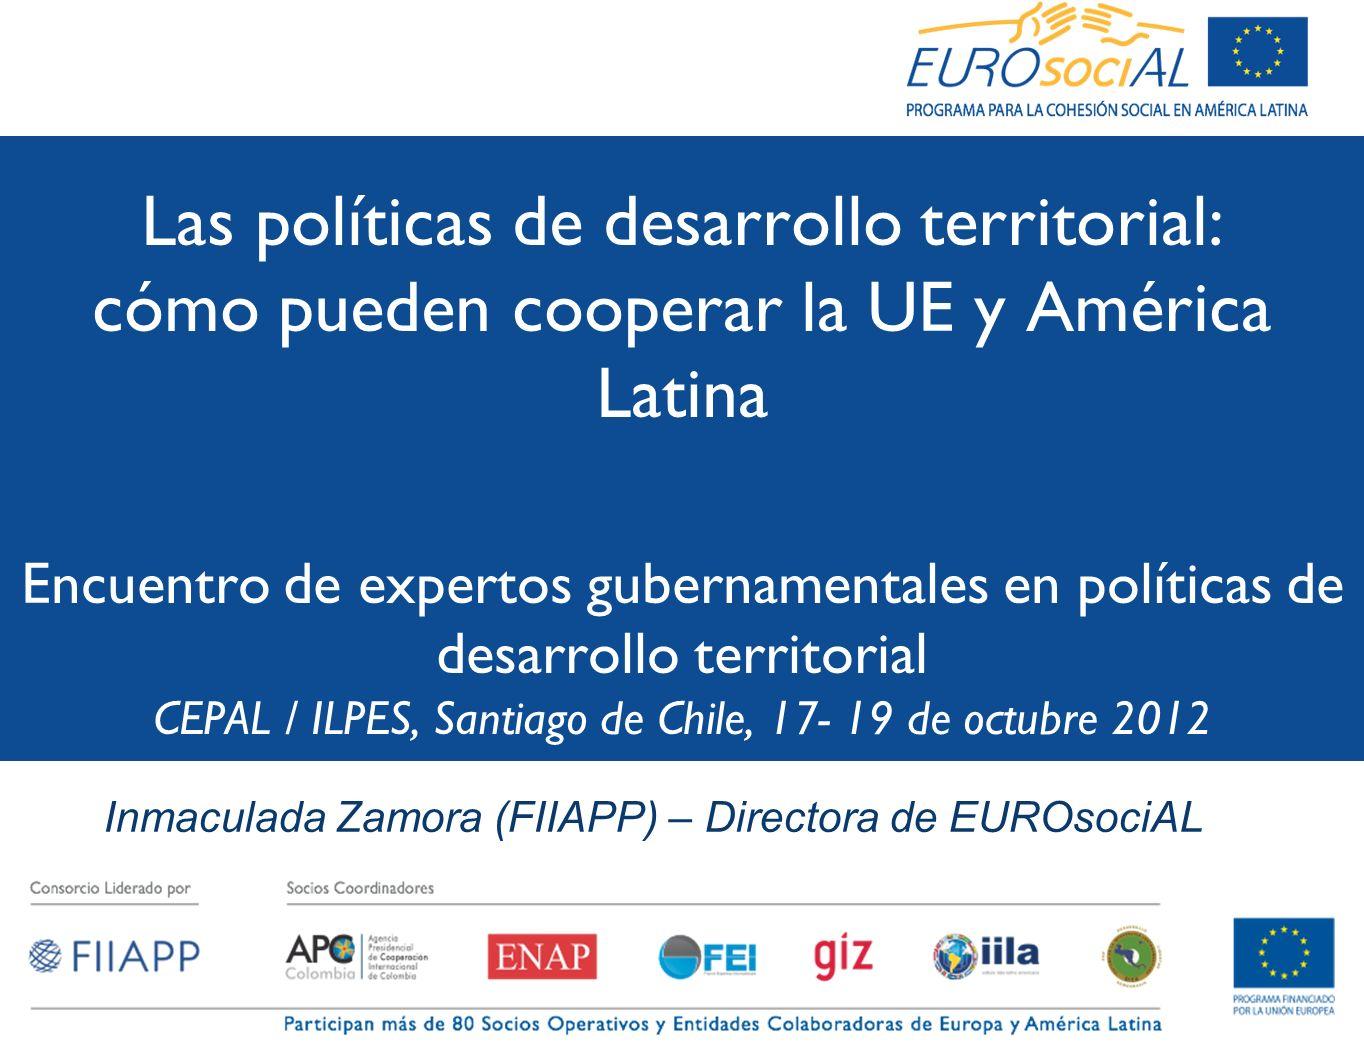 2 ESQUEMA DE LA PRESENTACIÓN I.LAS POLÍTICA REGIONAL (DE COHESIÓN) DE LA UNIÓN EUROPEA II.EL PROGRAMA DE COOPERACION EURO- LATINOAMERICANA PARA LA COHESIÓN SOCIAL: EUROSOCIAL III.POLITICAS TERRITORIALES, COHESIÓN TERRITORIAL EN EL MARCO DE EUROSOCIAL